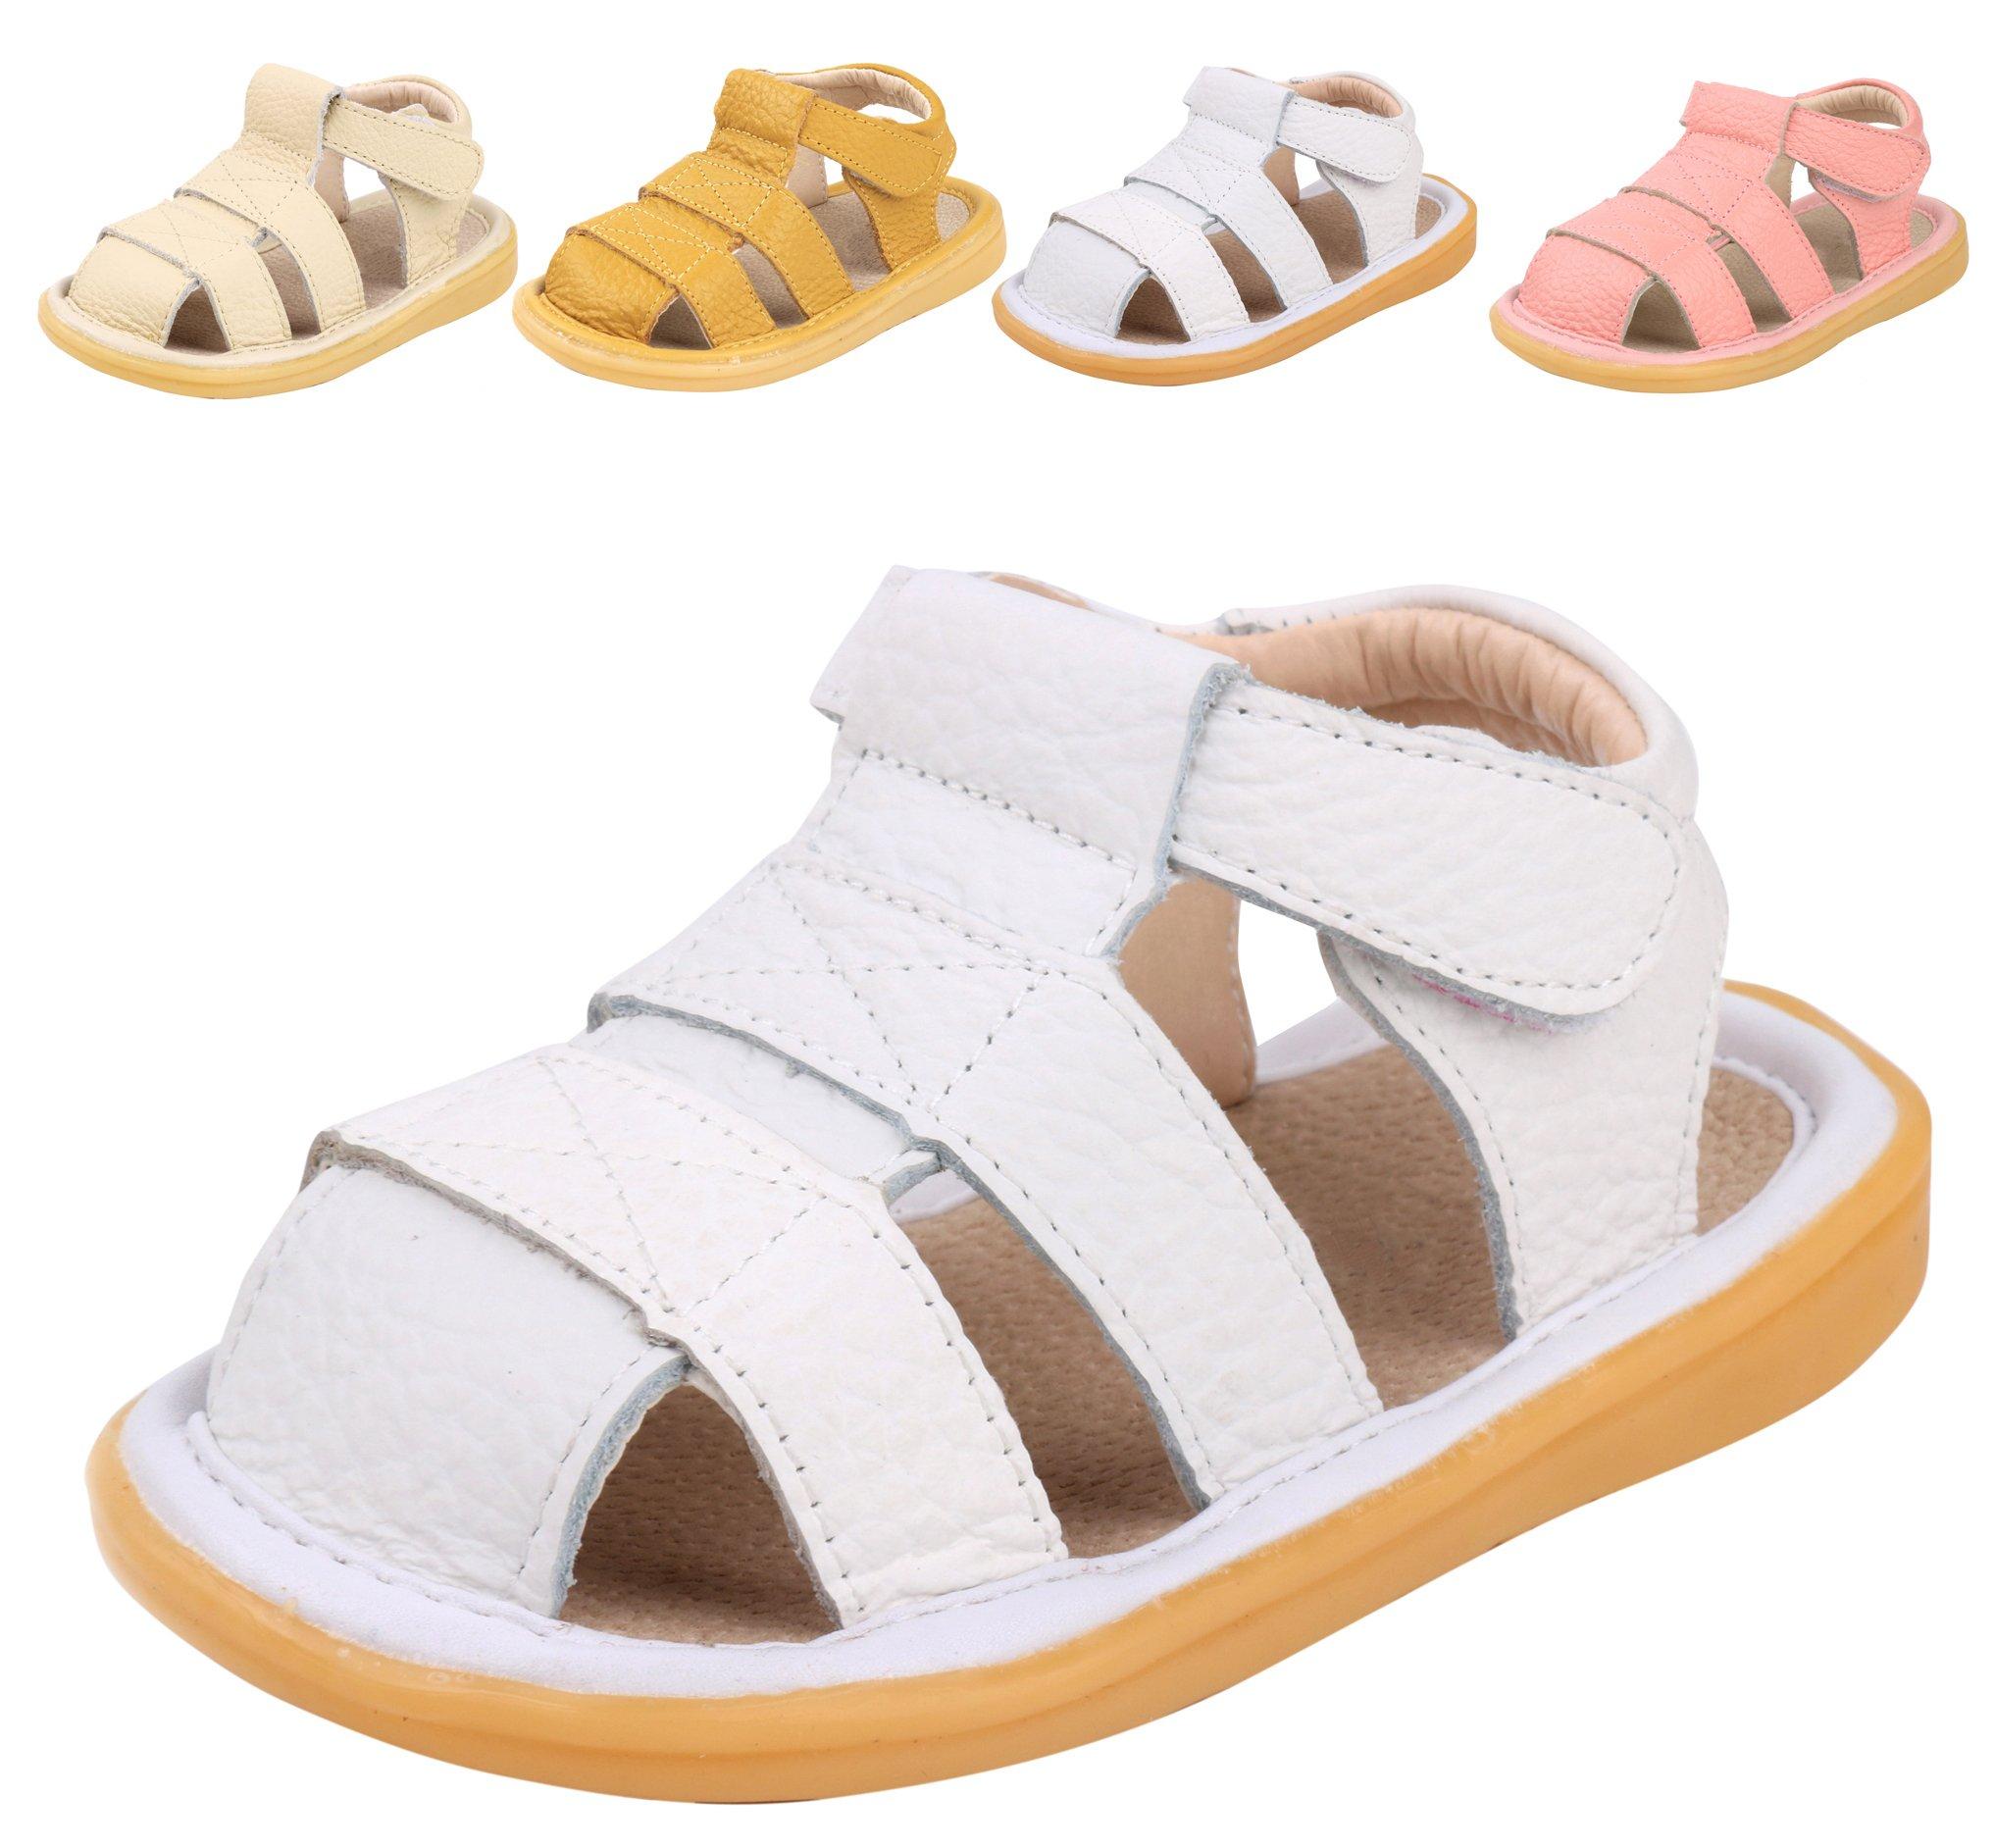 LONSOEN Toddler Boy Girl Summer Outdoor Closed-Toe Leather Sandals(Infant/Toddler),White KSD002 CN16